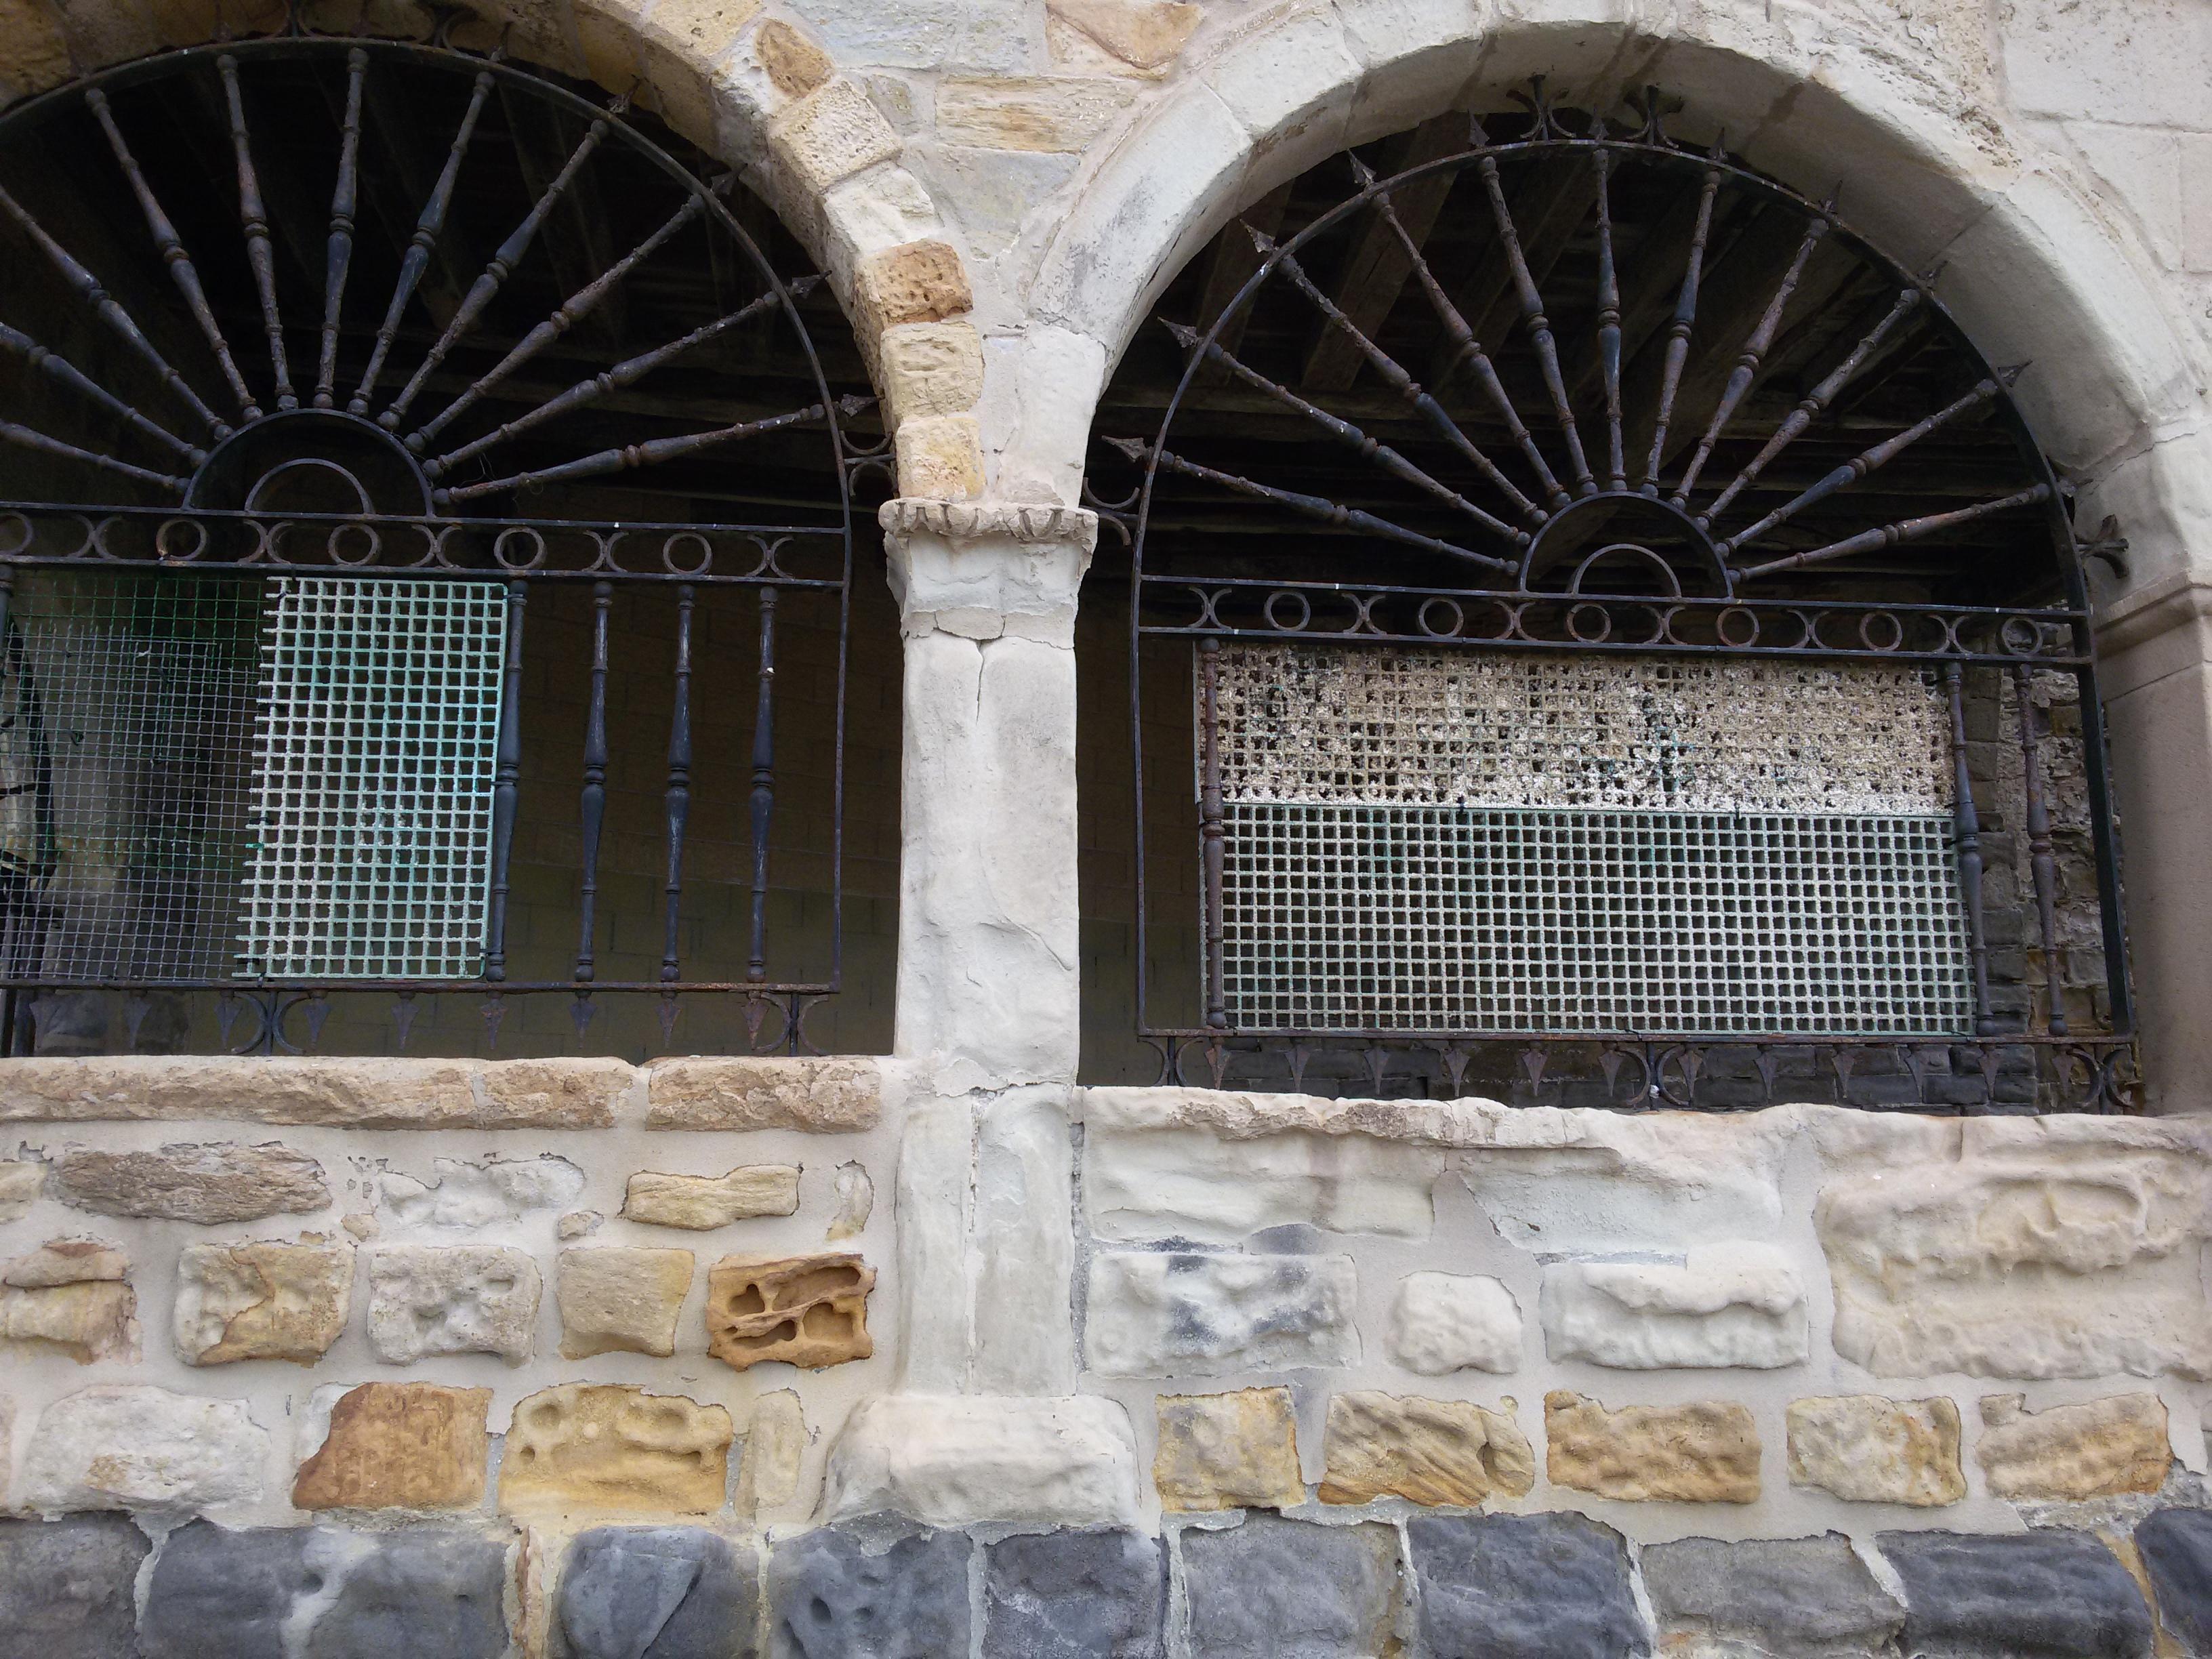 Un mes despu s de semana santa sigue instalado un - Alfombras portico ...